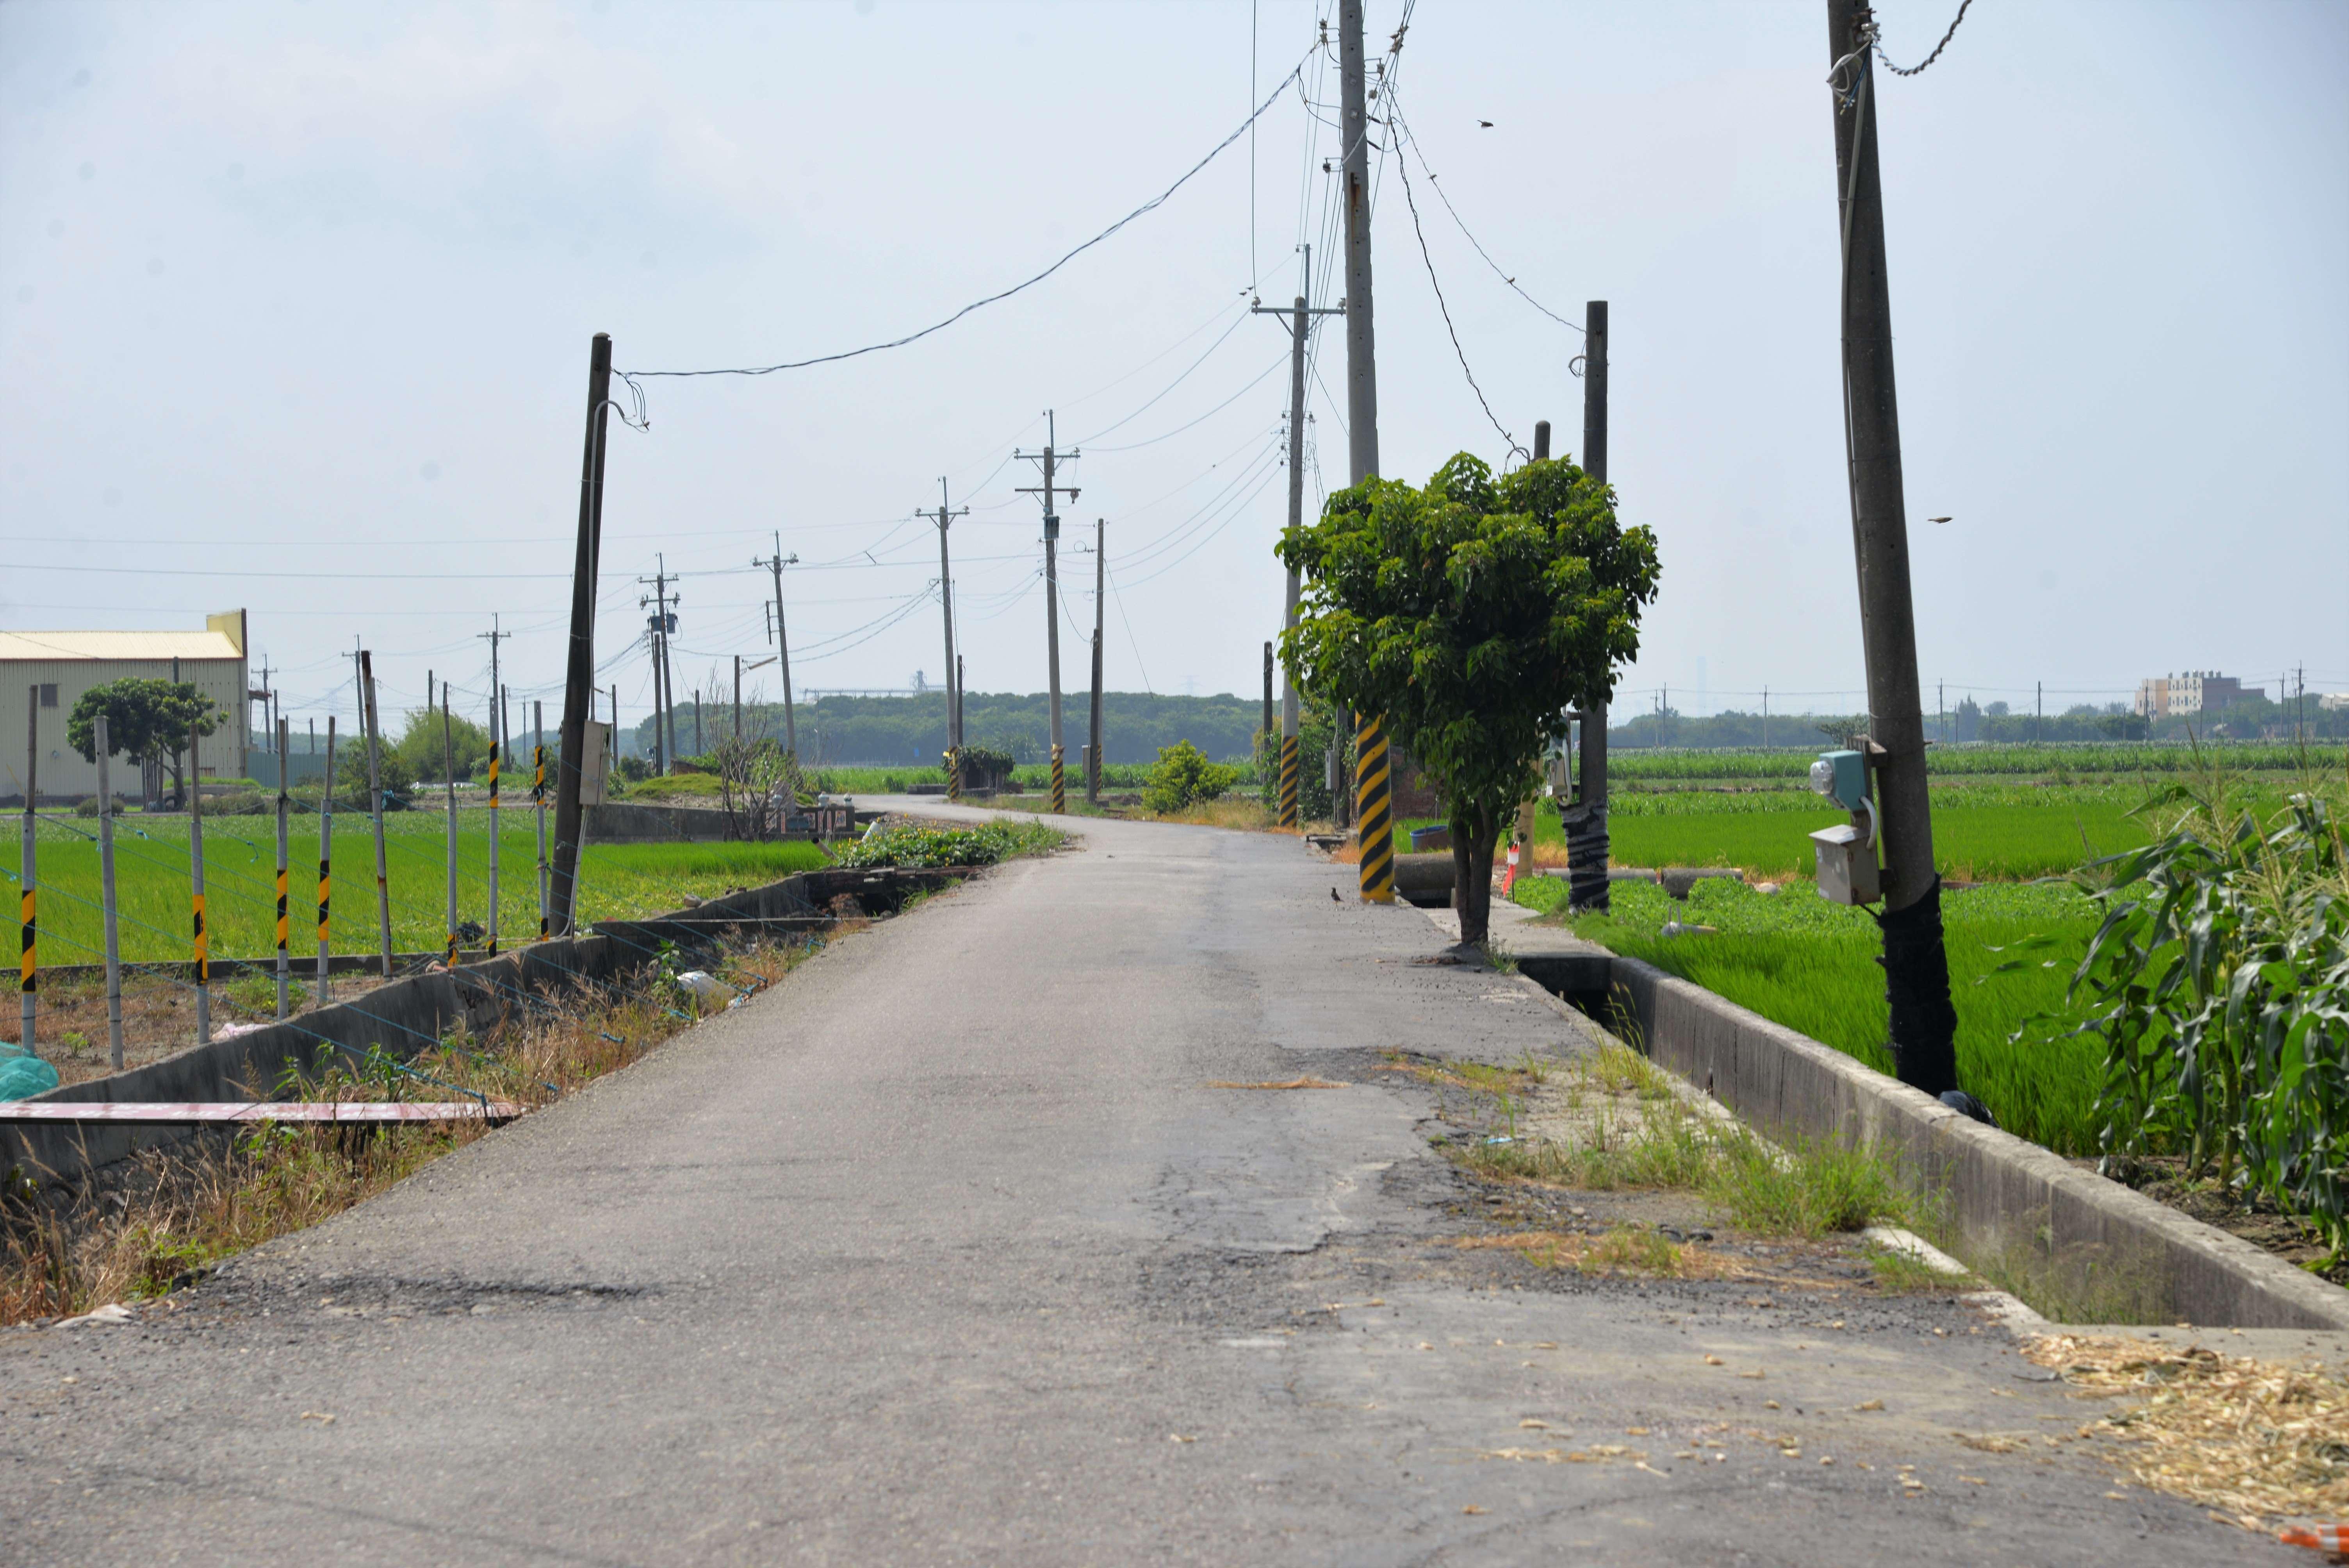 此次就農路路面寬度未達4公尺者,將拓寬至4-6公尺,並將農路併行之給、排水路一併配合辦理,改善為矩形溝(立溝)